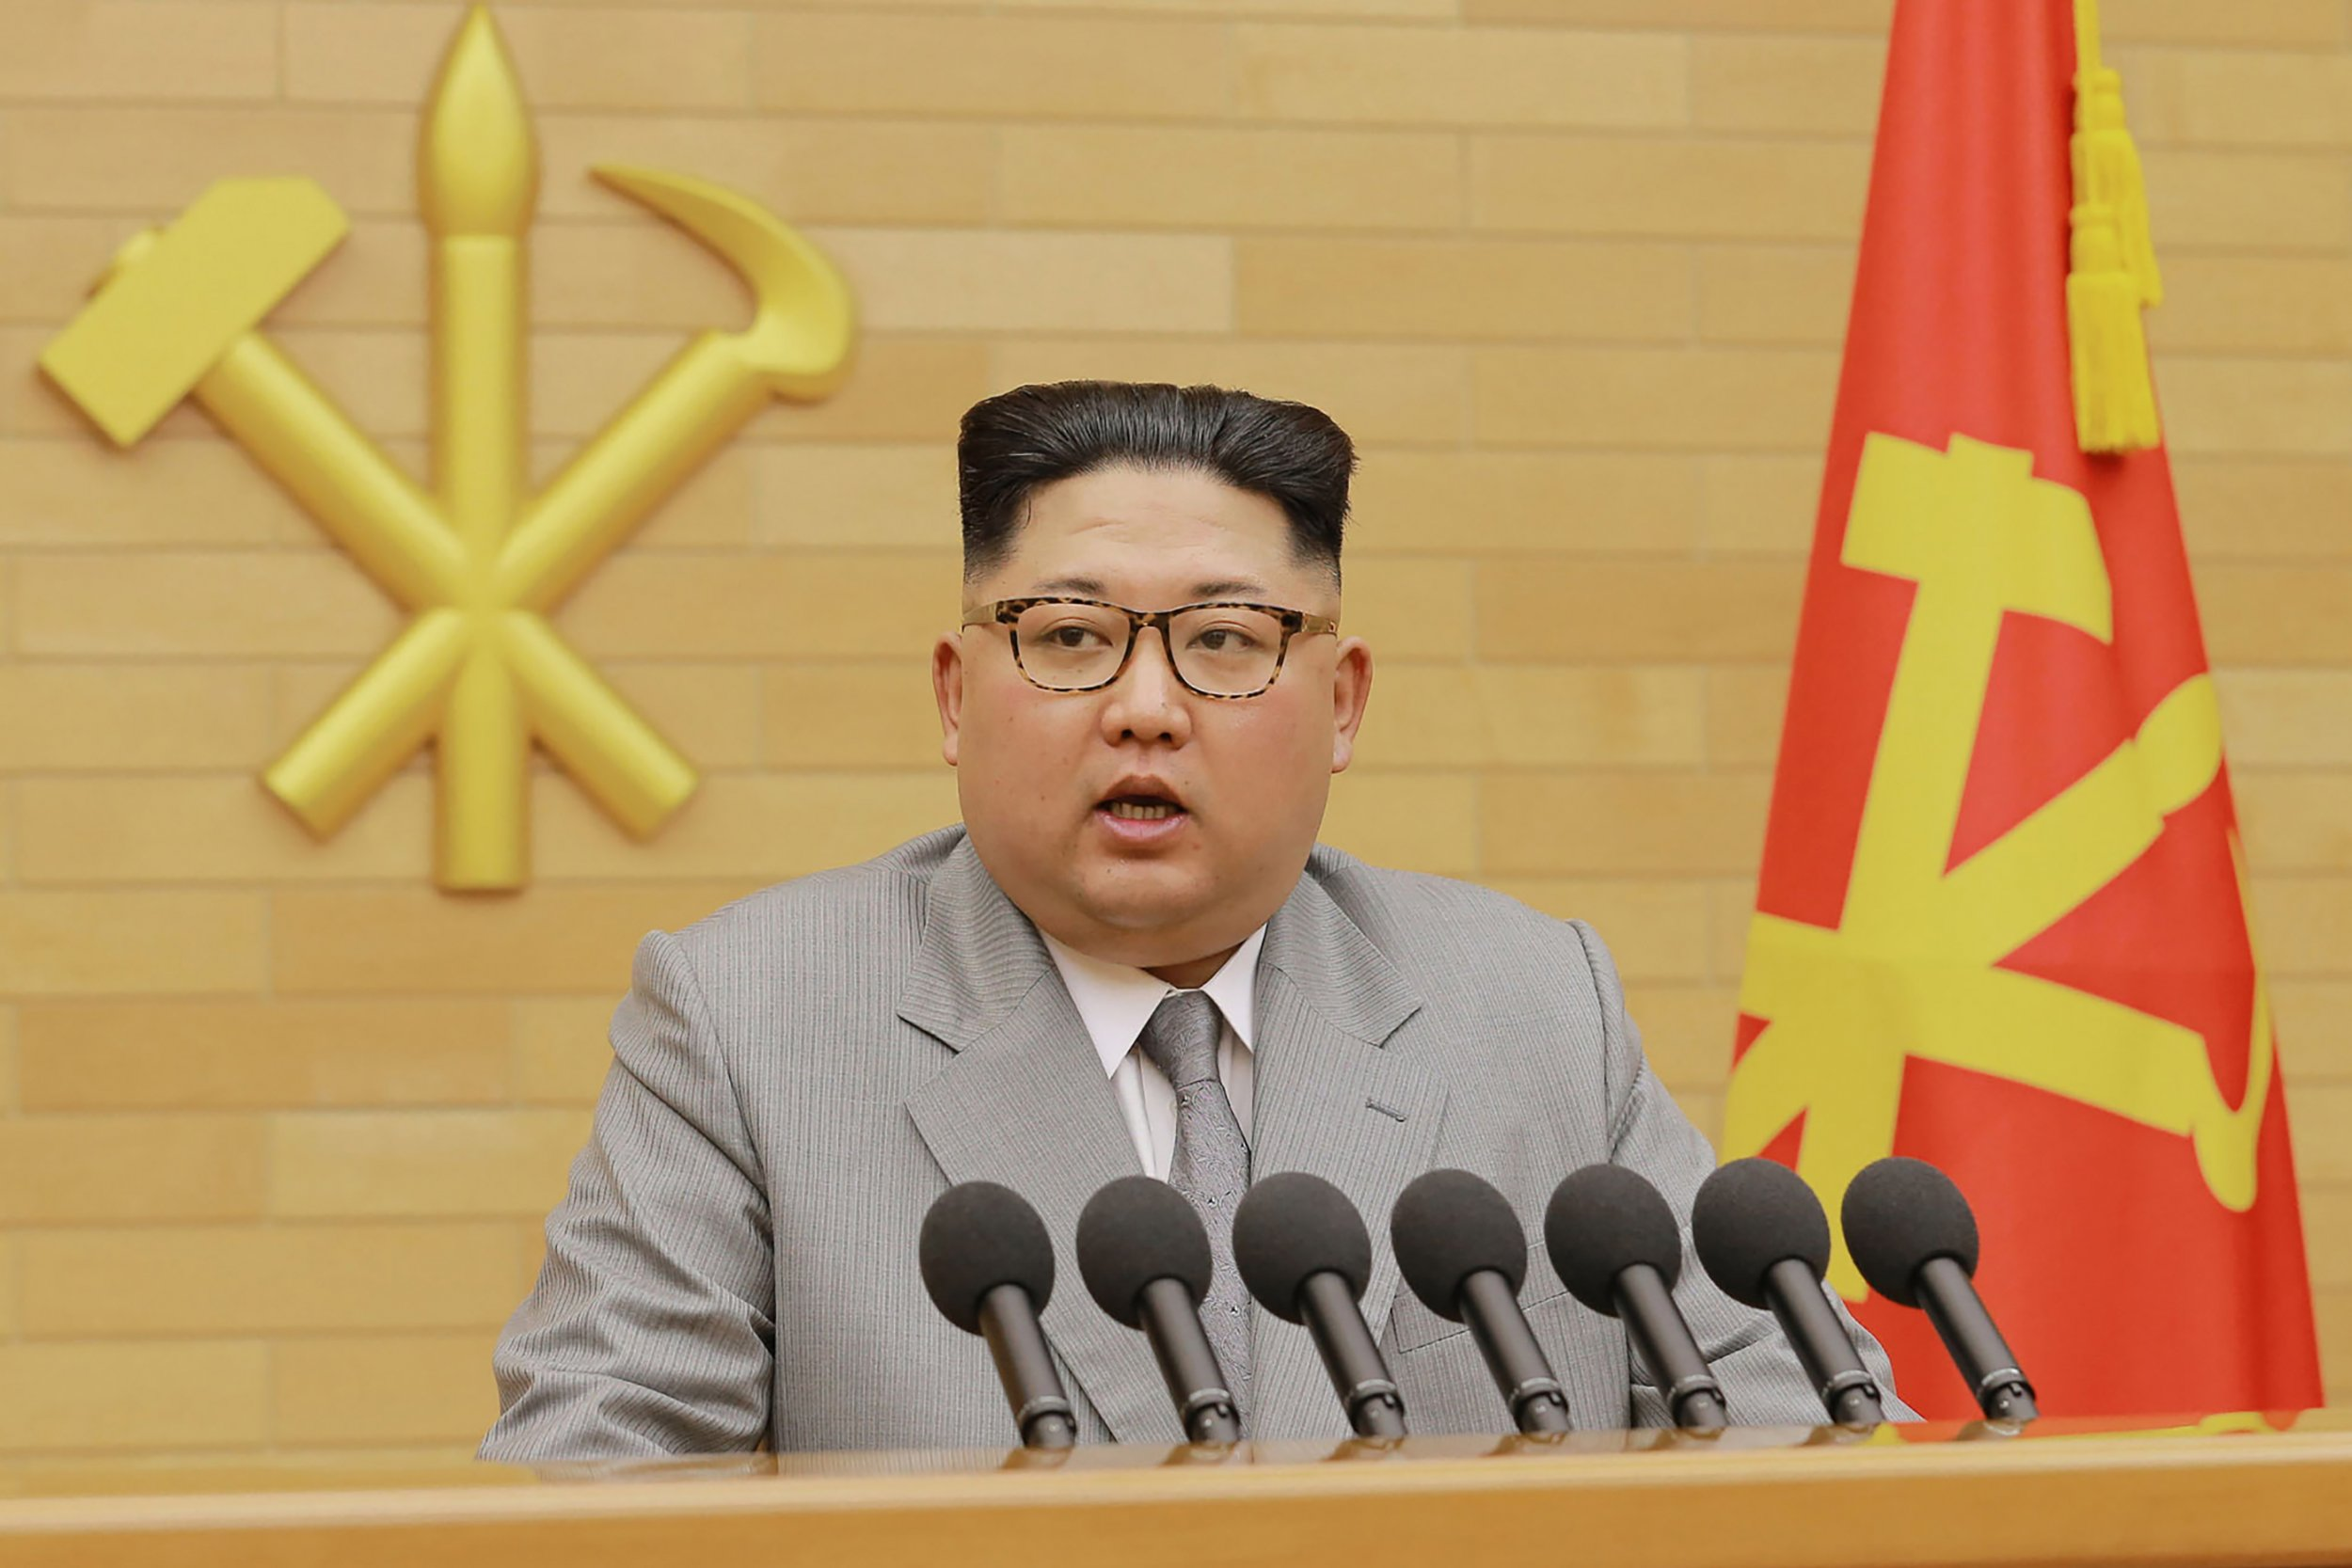 North Korea hits back at U.S., calls Trump administration a racist billionaires' club